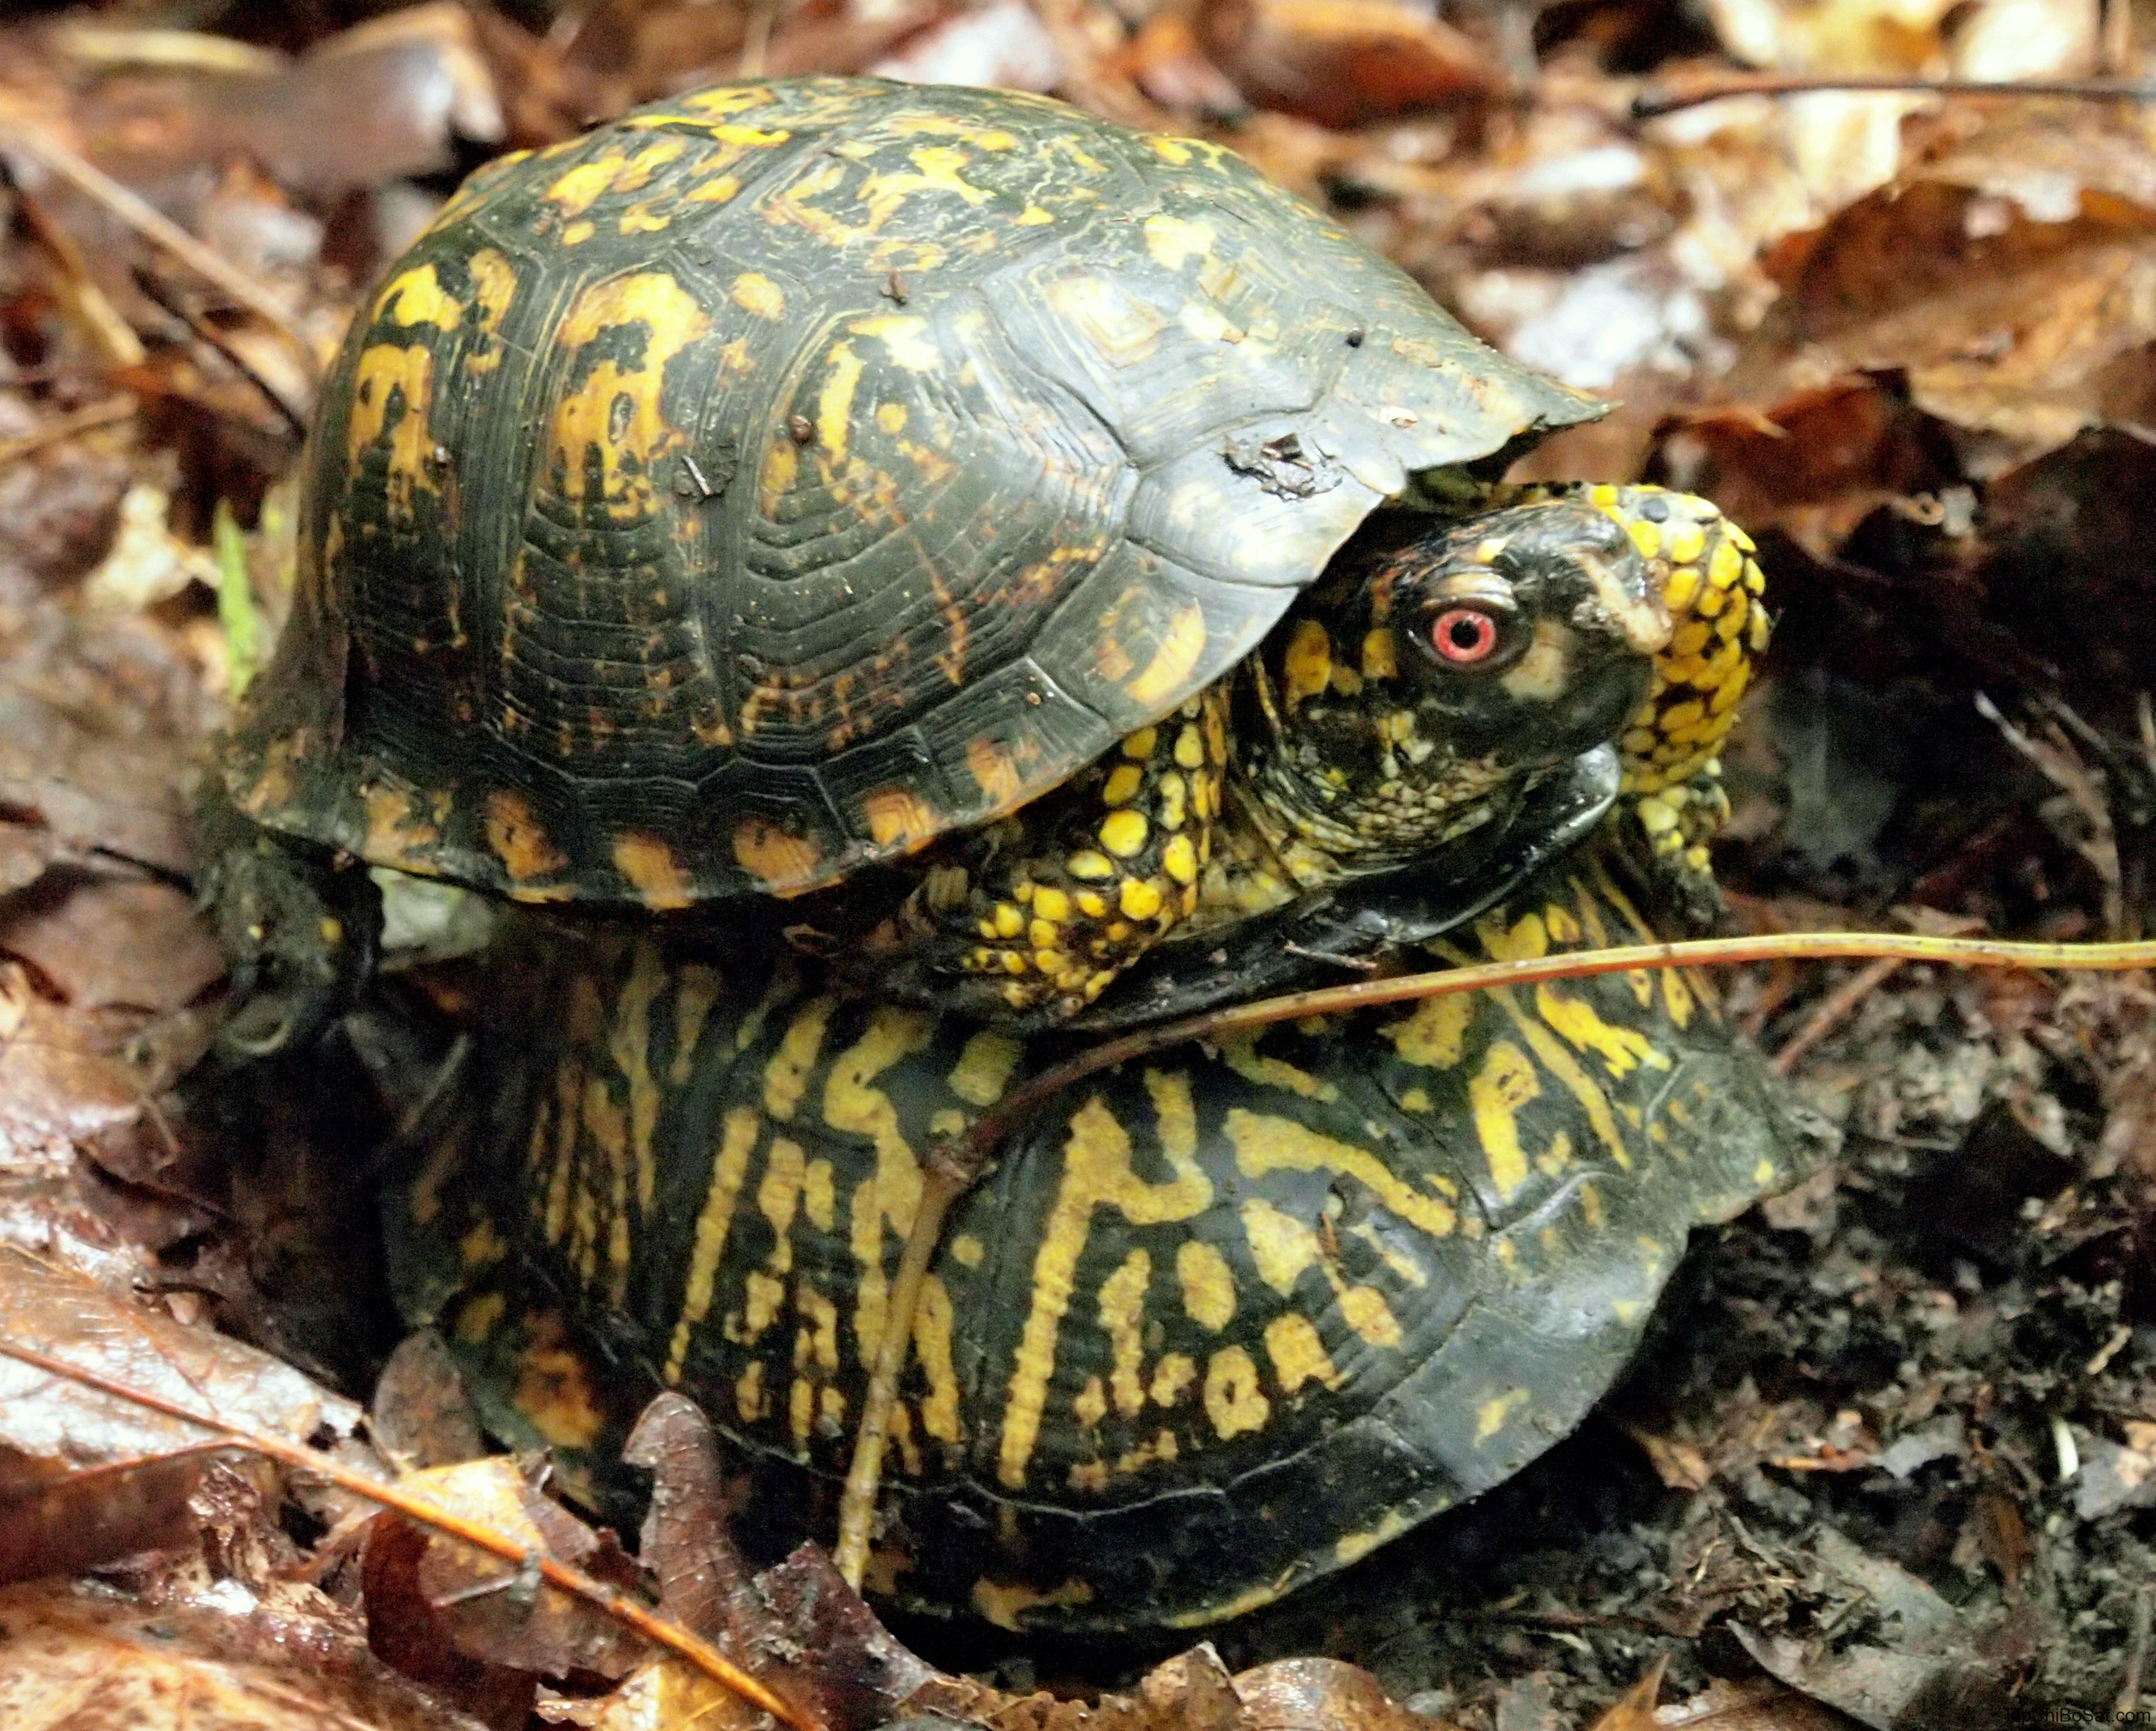 cặp đôi Rùa hộp miền đông- Eastern box turtle male and female